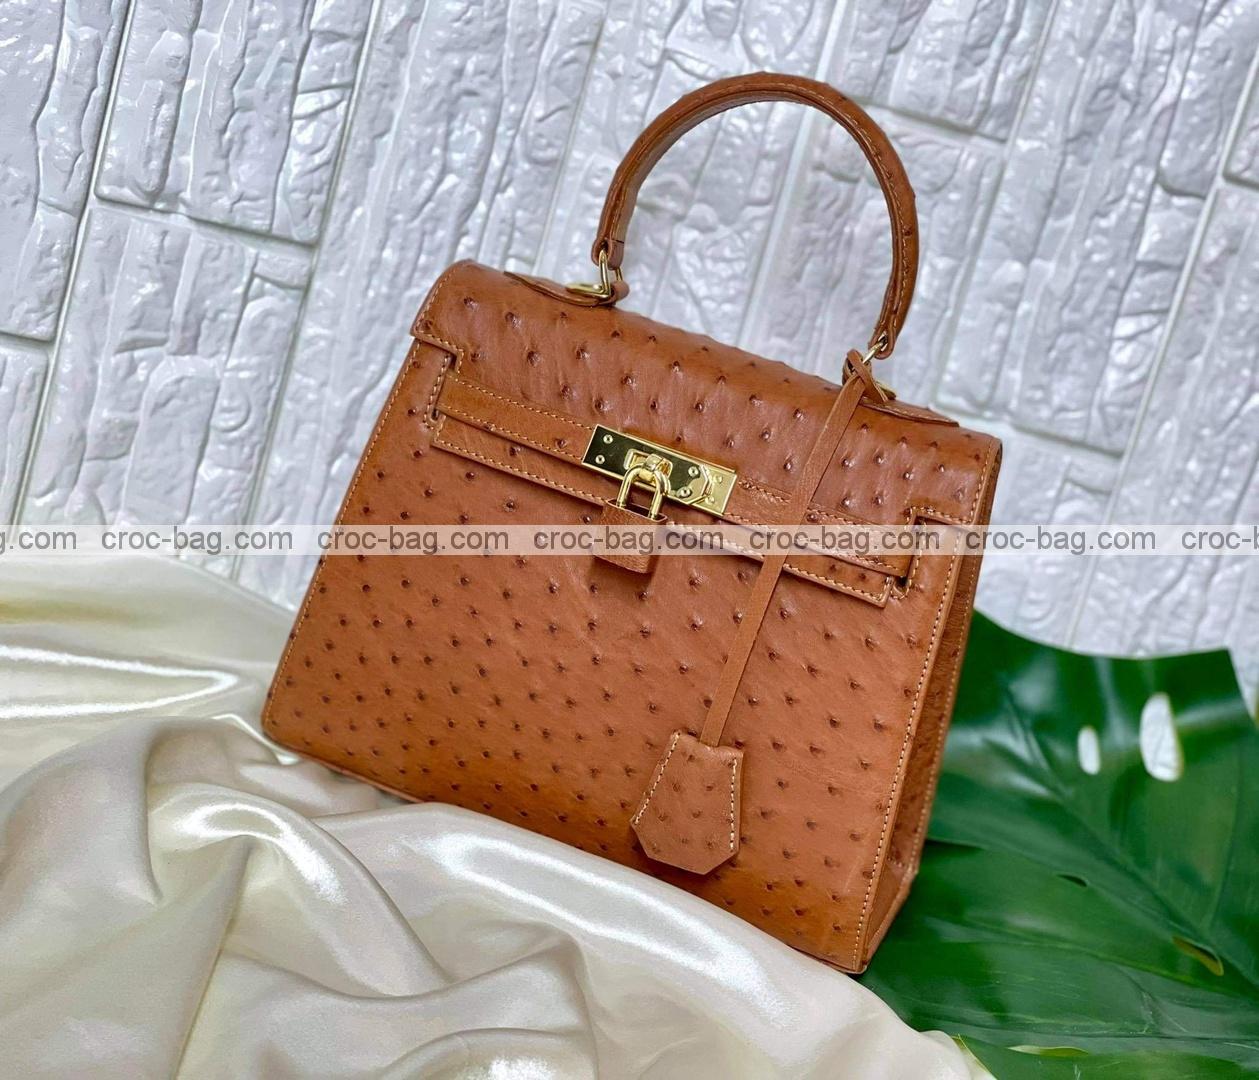 กระเป๋าหนังนกกระจอกเทศหรับผู้หญิง 5298